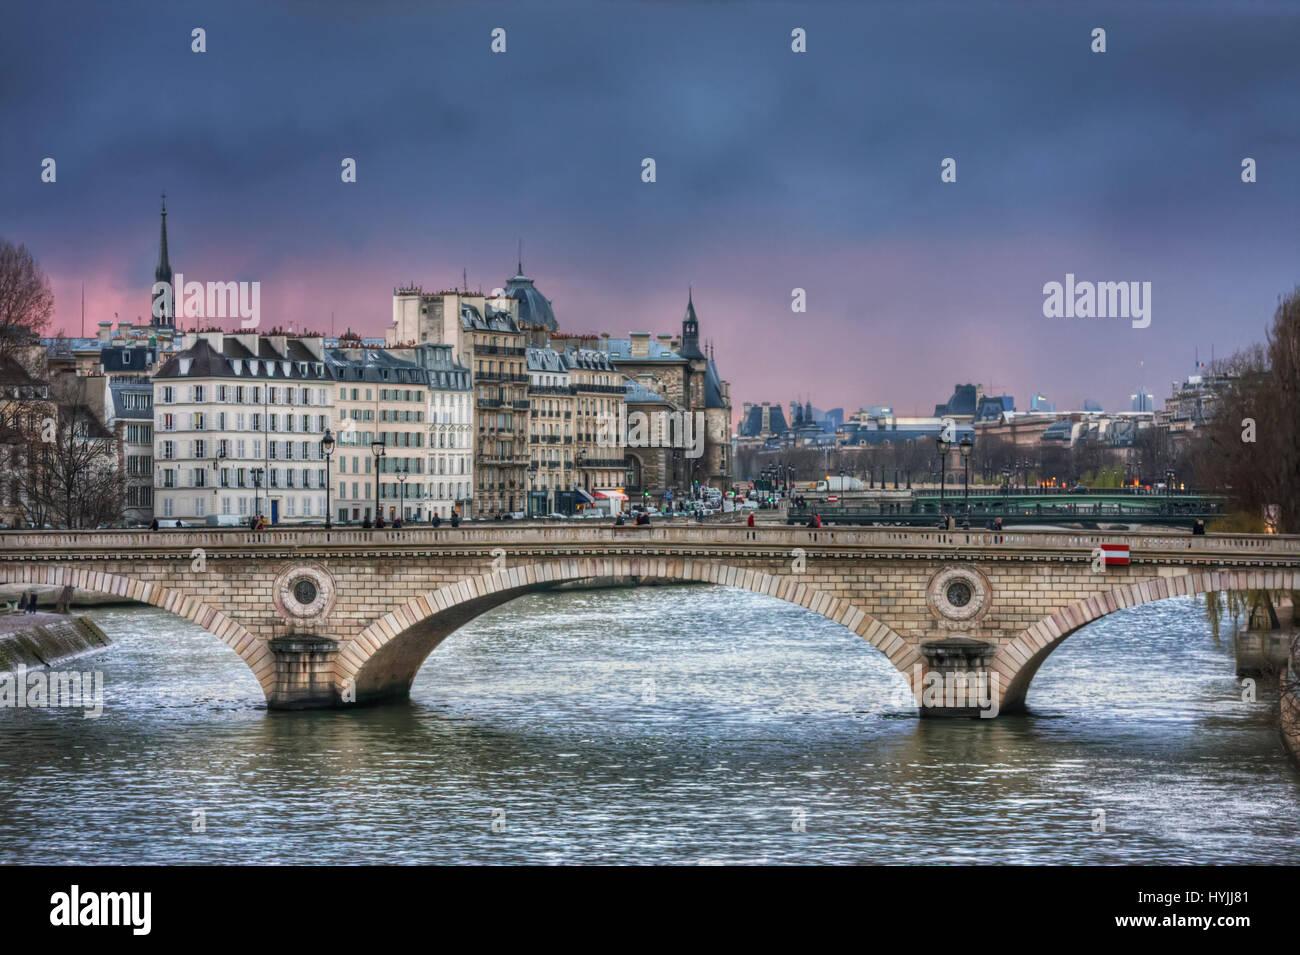 Bridge Louis-Philippe in twilight. France. Paris - Stock Image